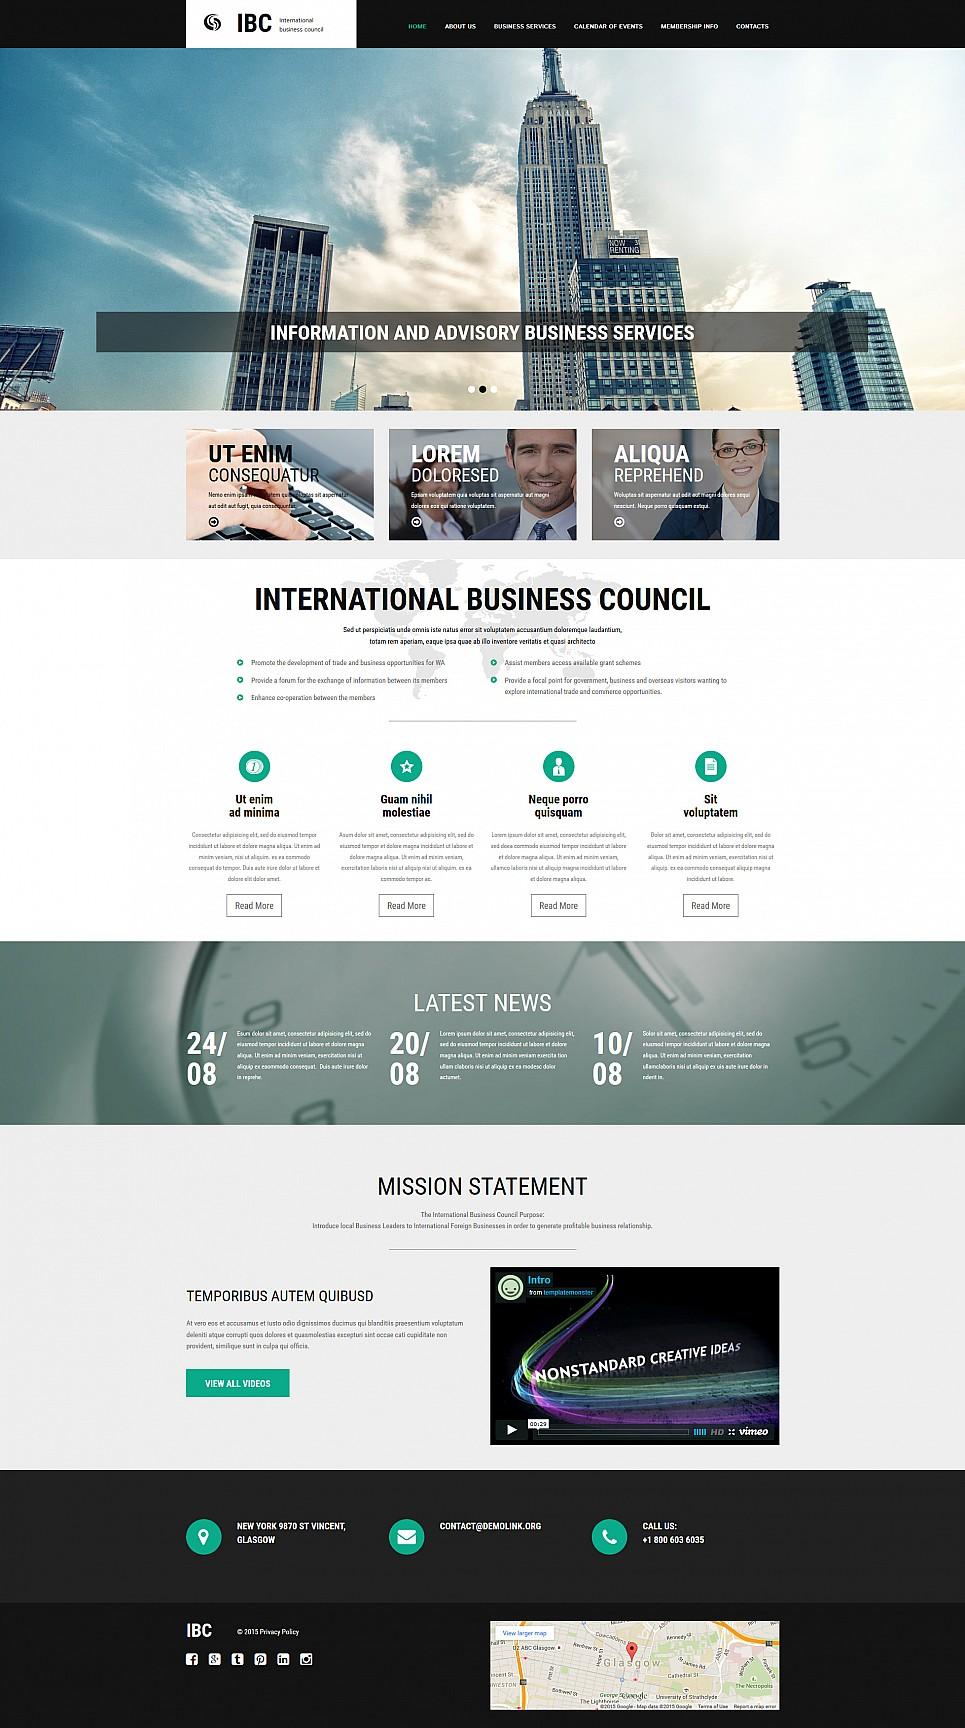 Diseño de sitio web adaptable para una empresa de negocios - image